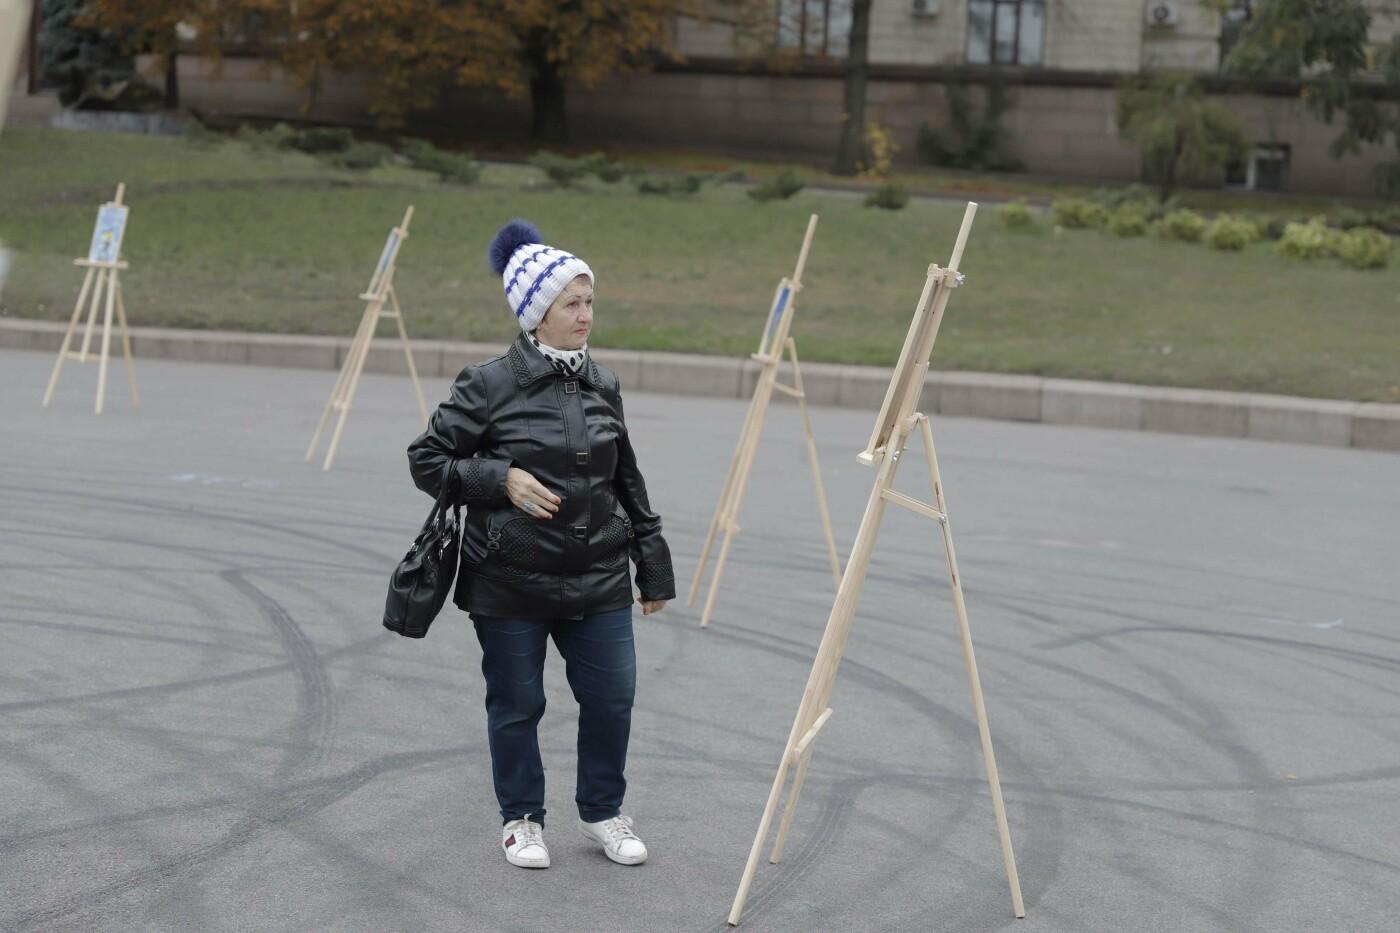 В Днепре ко Дню защитника Украины раздавали бумажные самолетики, фото-3